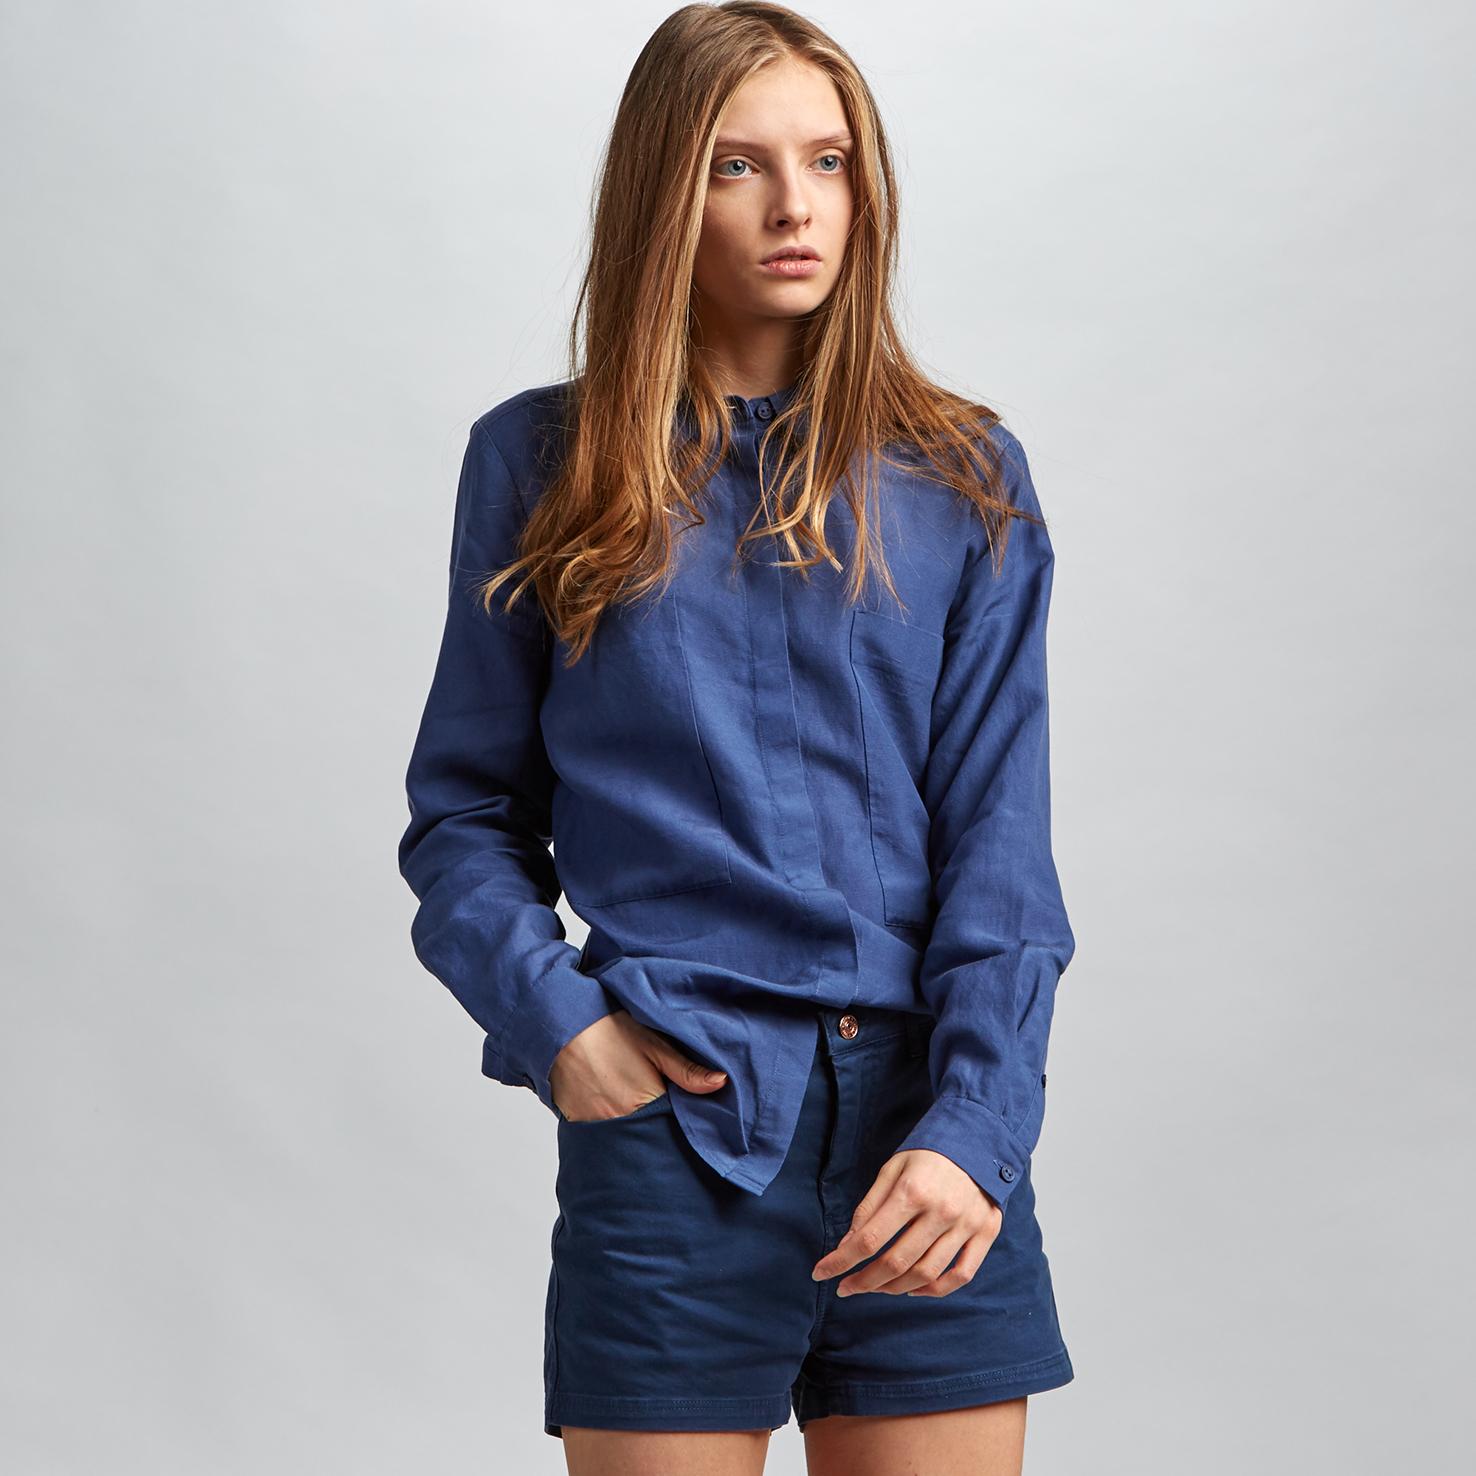 Рубашка Lacoste Regular fitБлузы и рубашки<br>Детали: женская рубашка со стильными большими карманами  \ Материал: 72% лиоцелл 28% лен \ Страна производства: Китай